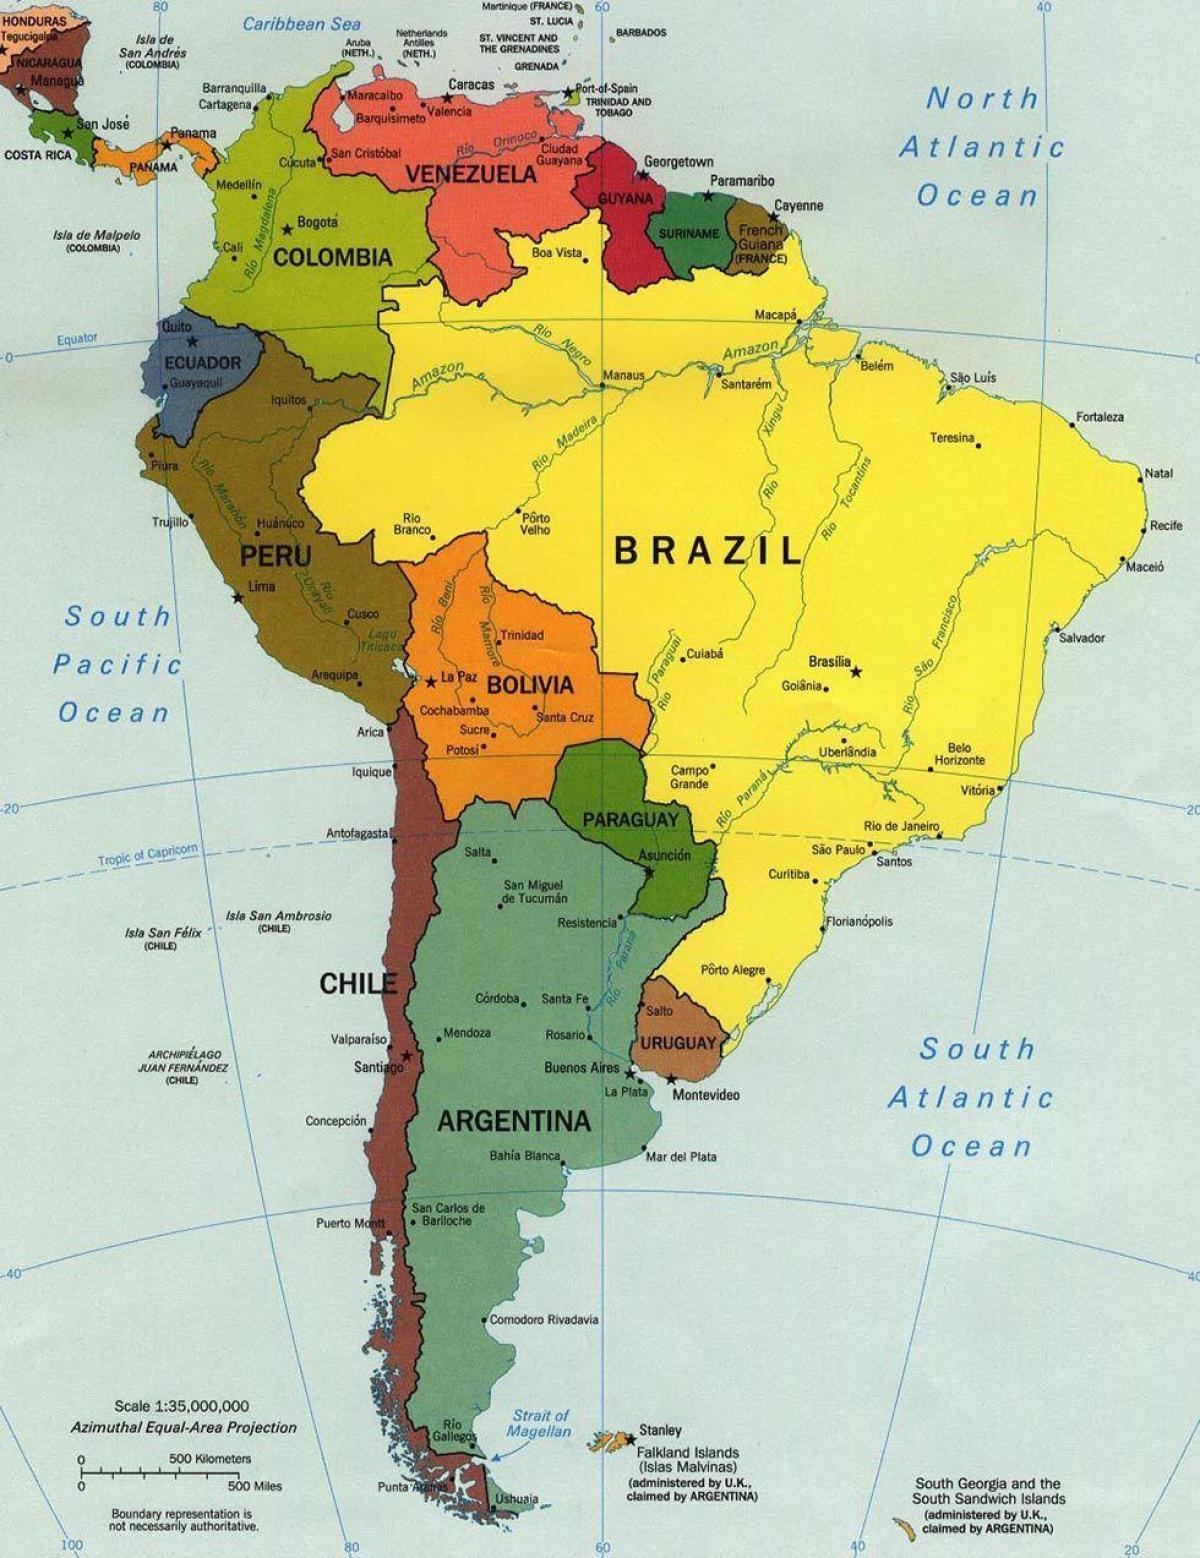 kart over amerika Merket kart over Brasil   Kart over Brasil merket (Sør Amerika  kart over amerika